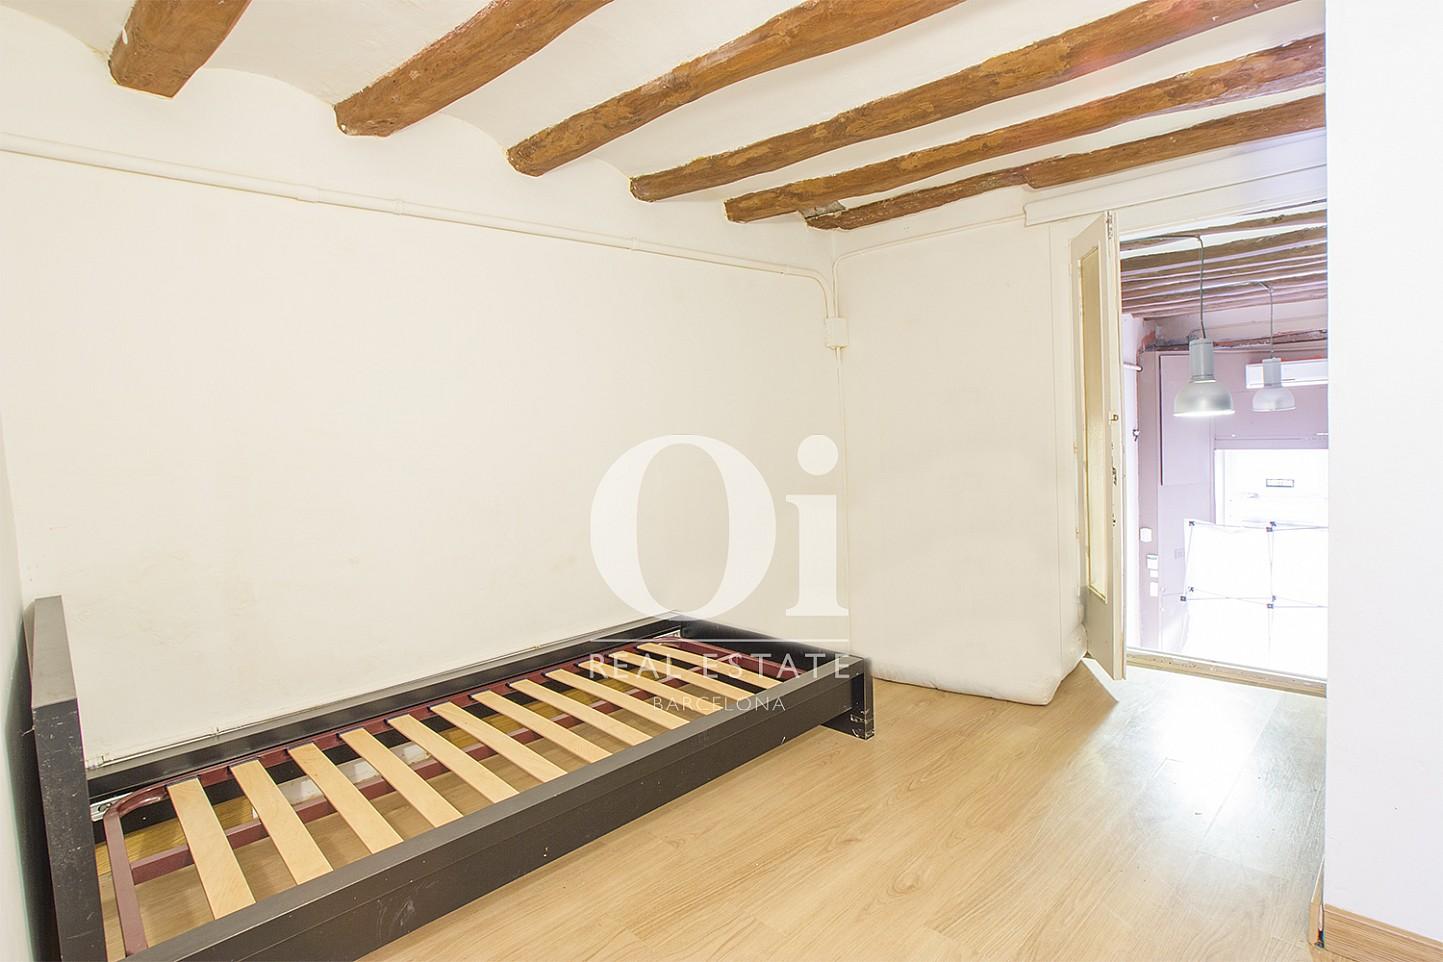 Dormitorio de dúplex en venta en zona de Poblenou, Barcelona